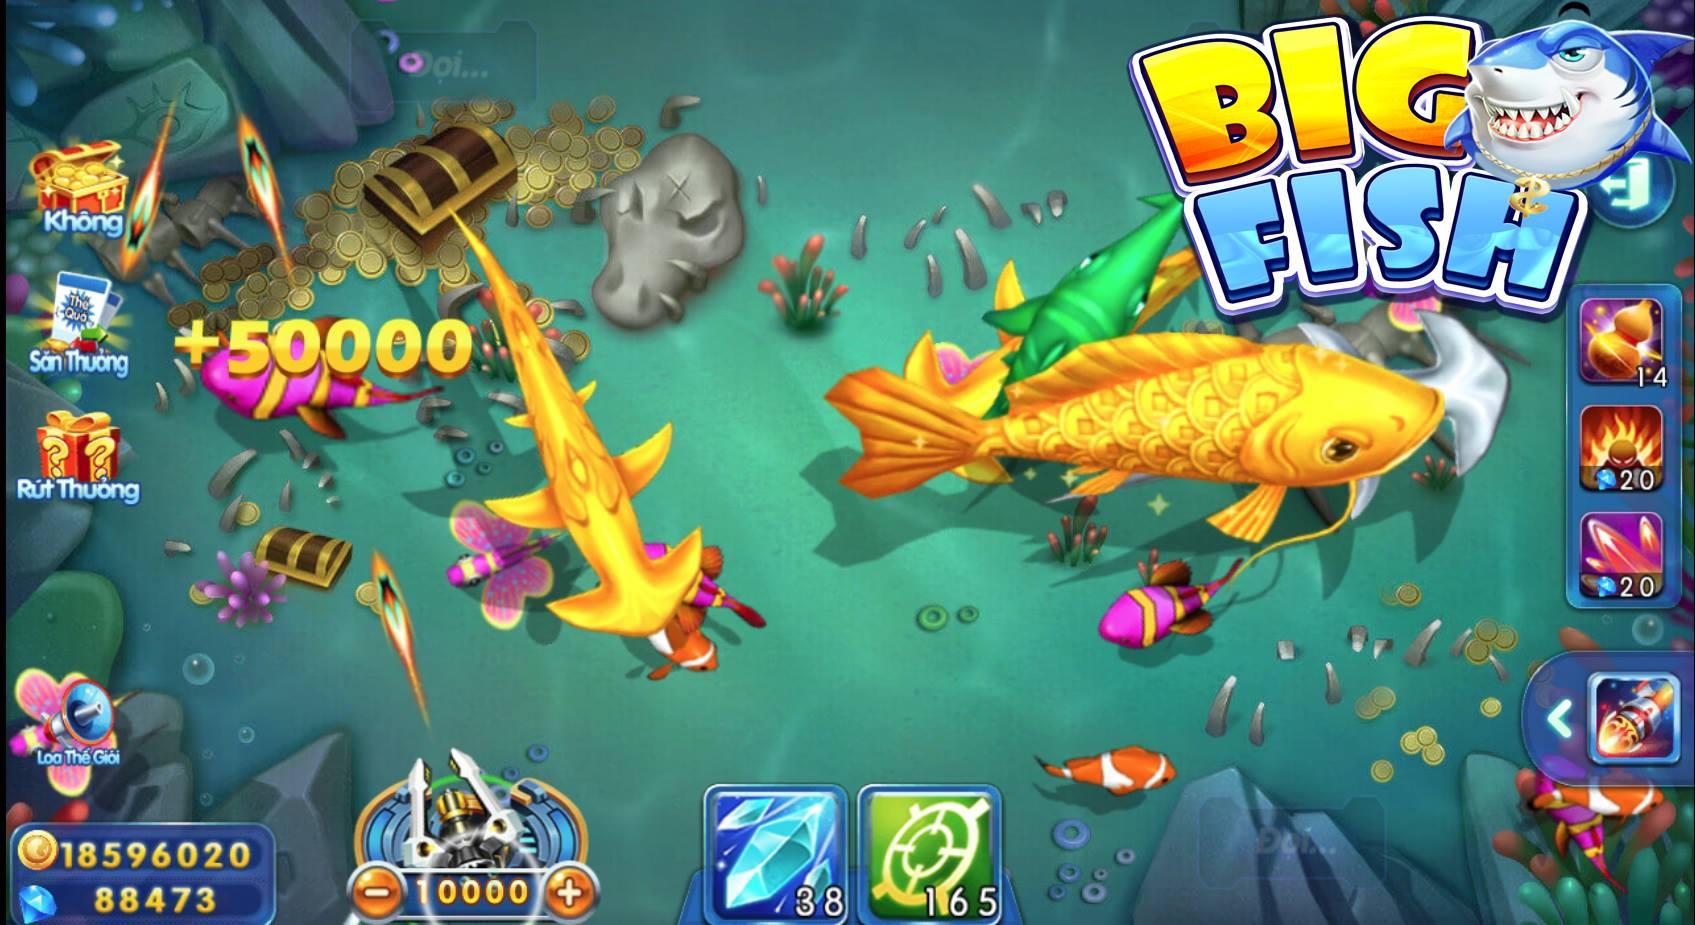 Với Big Fish H5 việc trải nghiệm game bắn cá chưa bao giờ dễ dàng đến thế